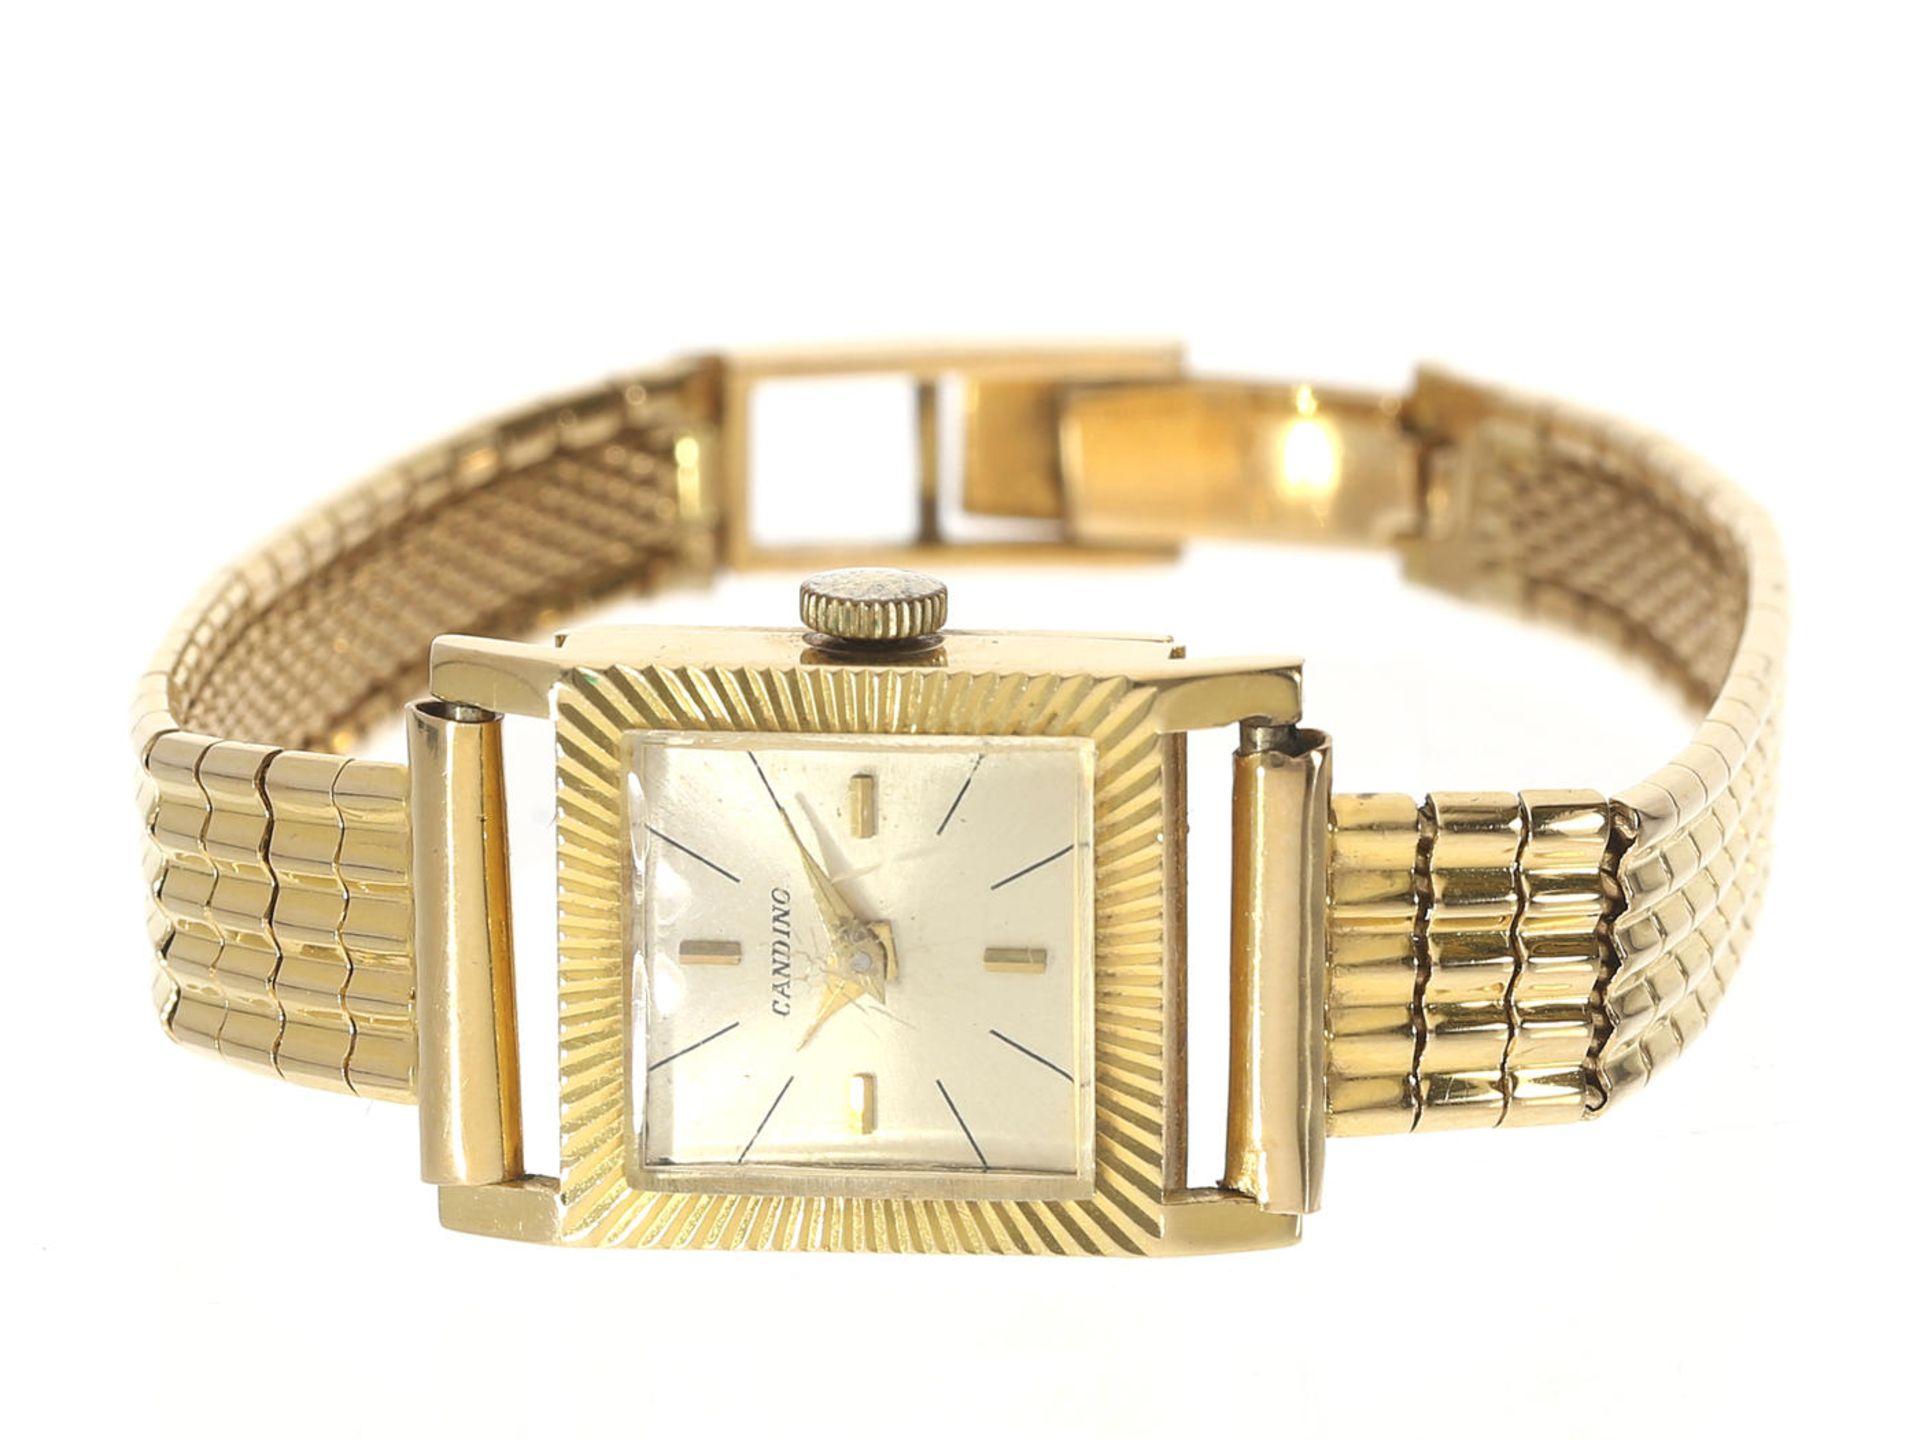 Armbanduhr: vintage Damenuhr der Marke Candido, Ref.5072 mit Originalpapieren von 1963 Ca. 16 × - Bild 2 aus 3